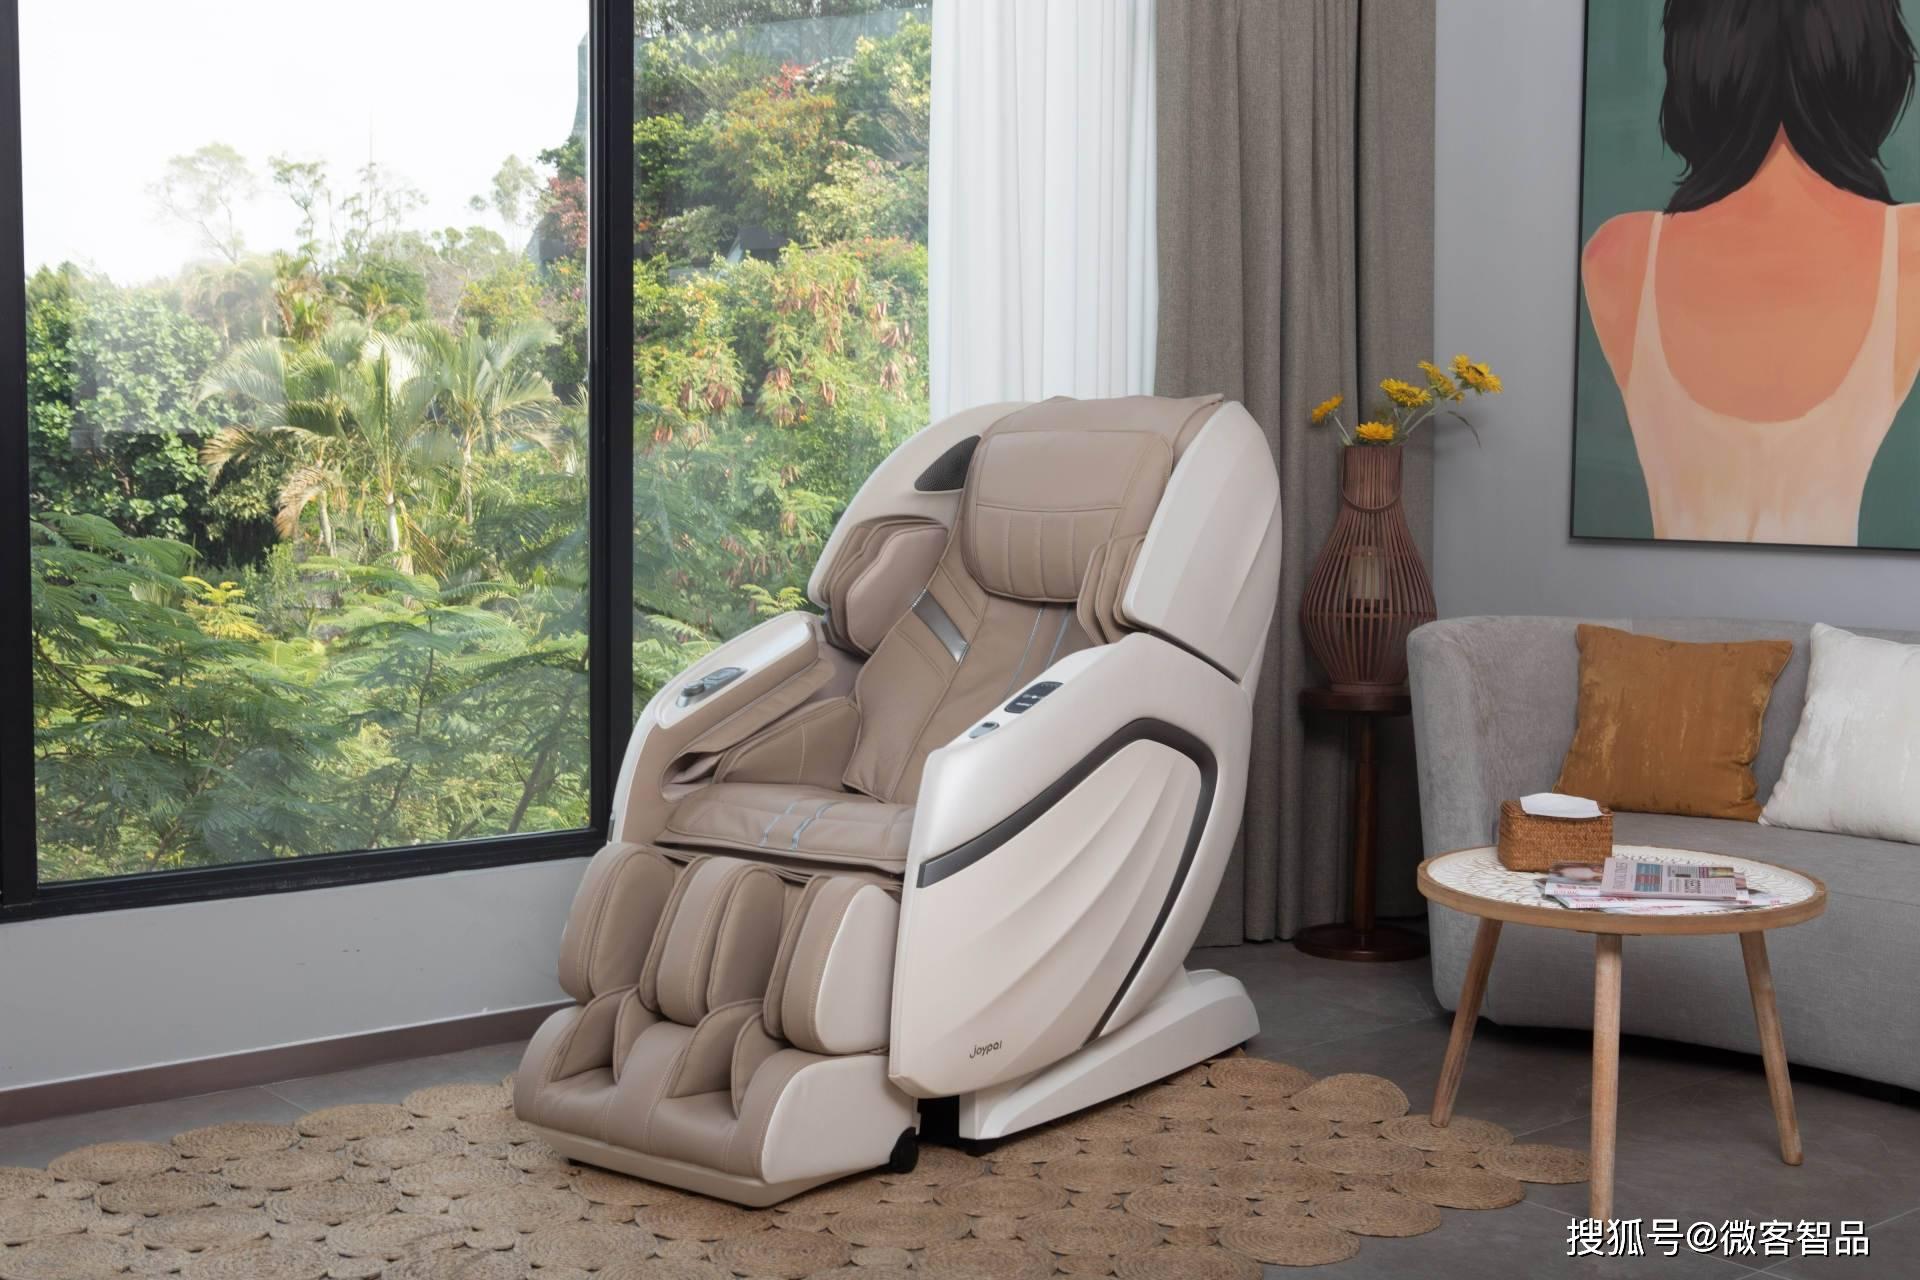 原创智慧新升级!Joypal AI享受至尊按摩椅:引领科技舒适体验